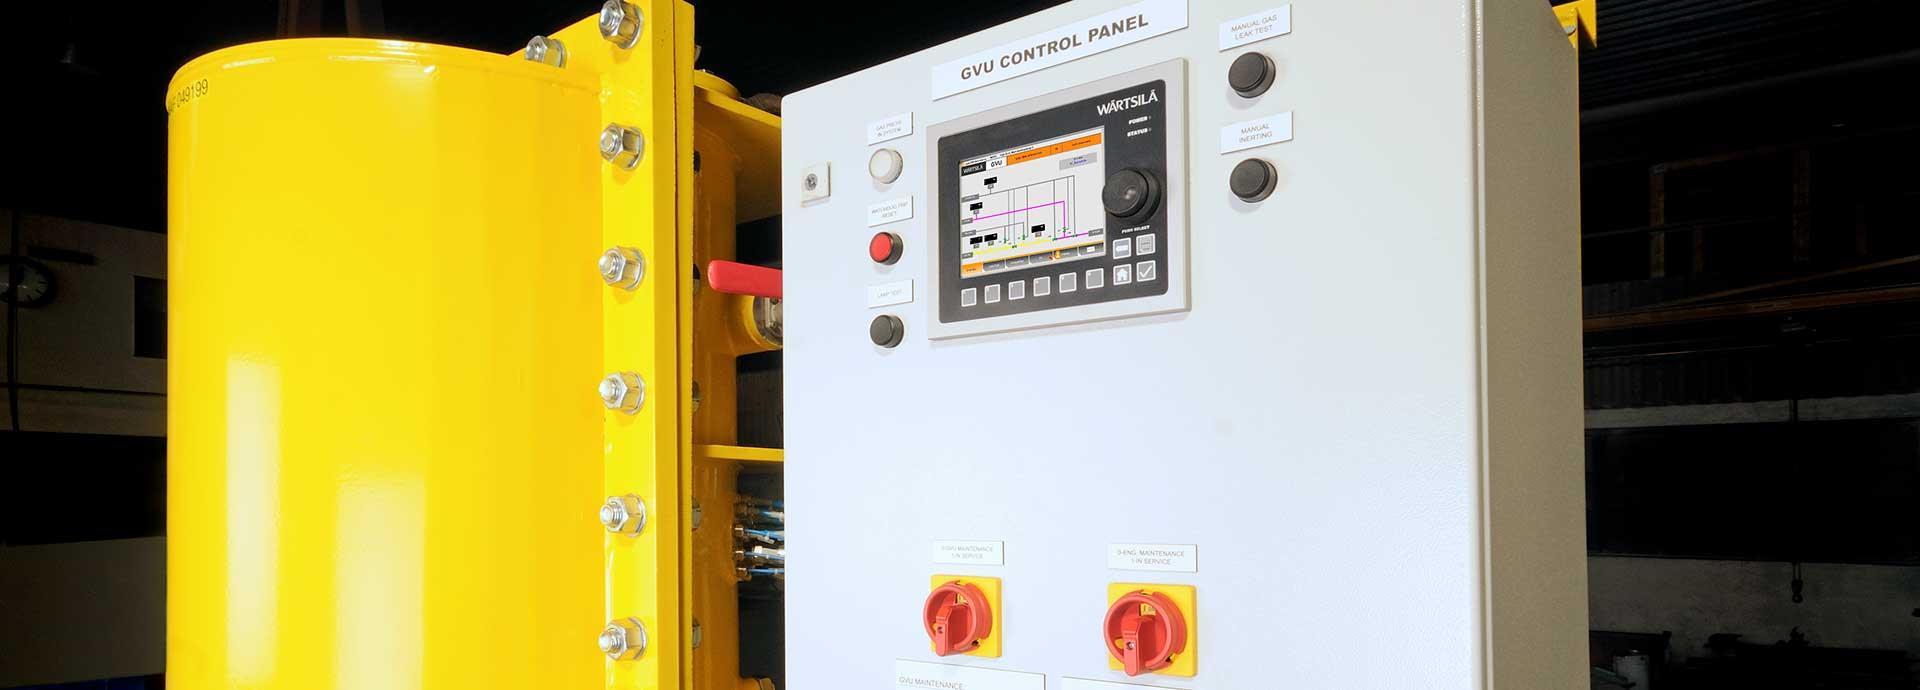 Gas Valve Unit